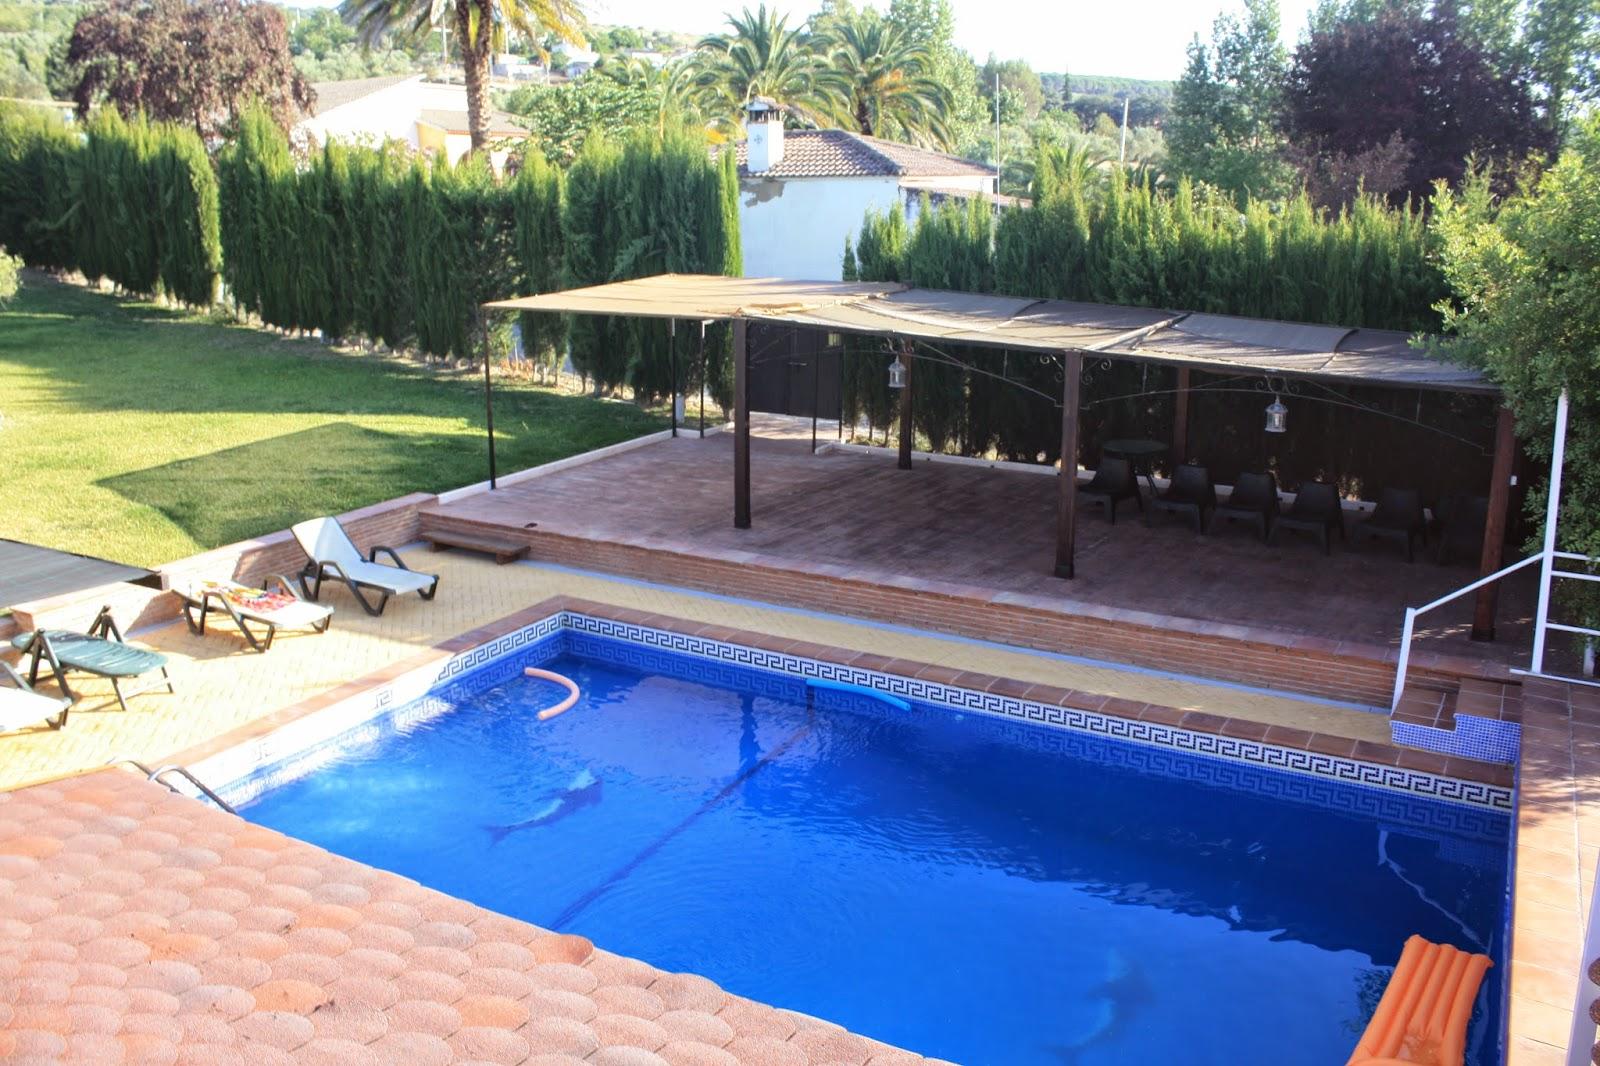 Casa luisa ronda piscina y barbacoa for Barbacoa y piscina madrid